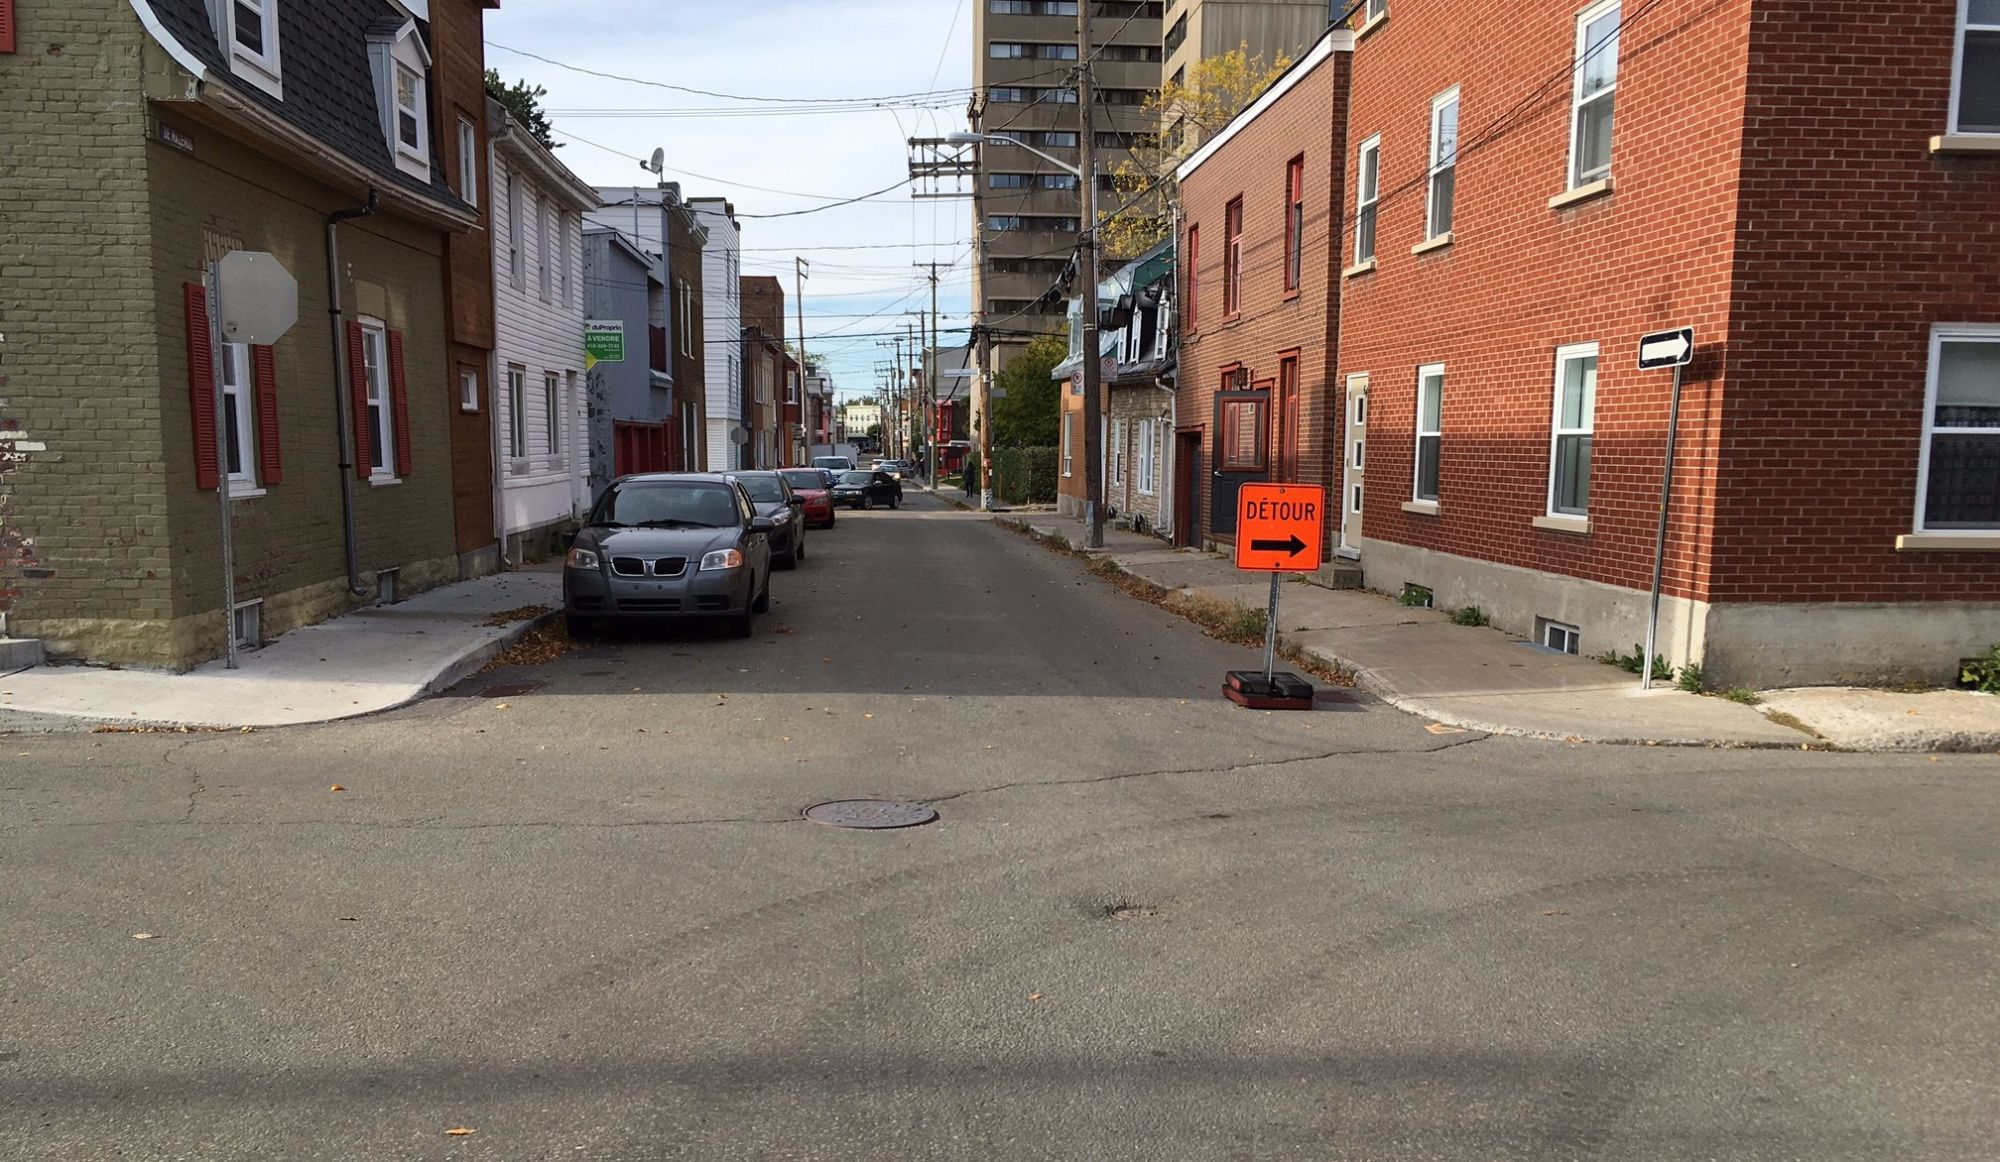 Une signalisation inadéquate cause deux accidents dans St-Sauveur